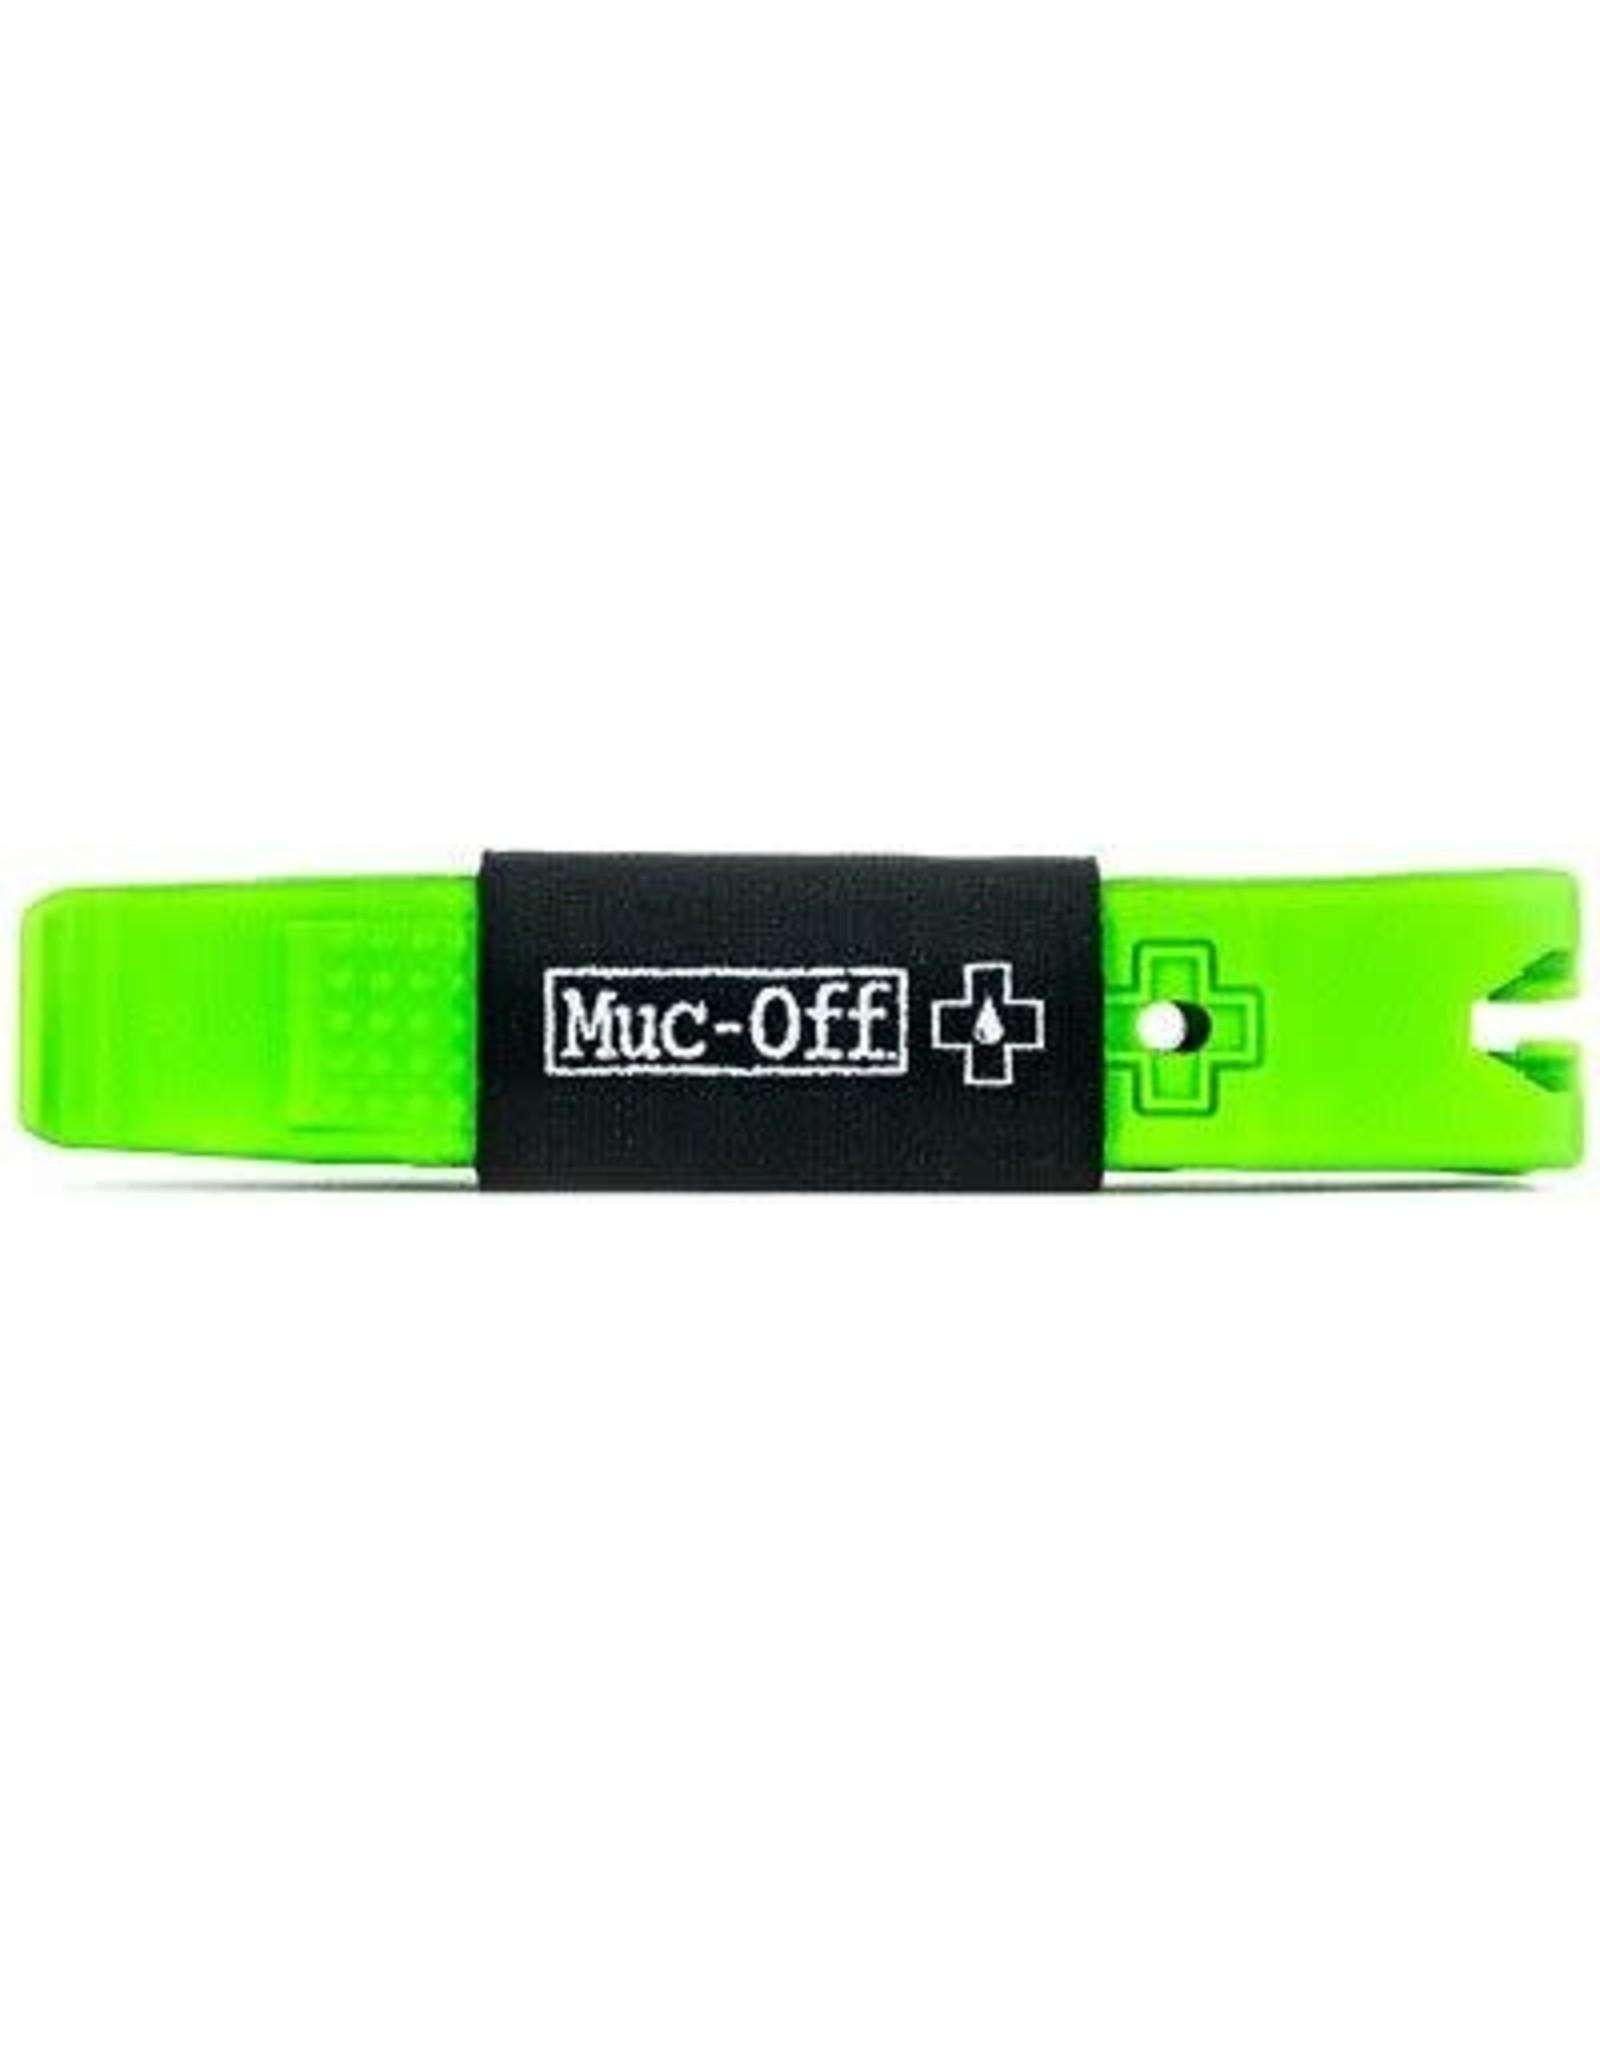 Muc-Off Muc Off - Rim Stix - Green